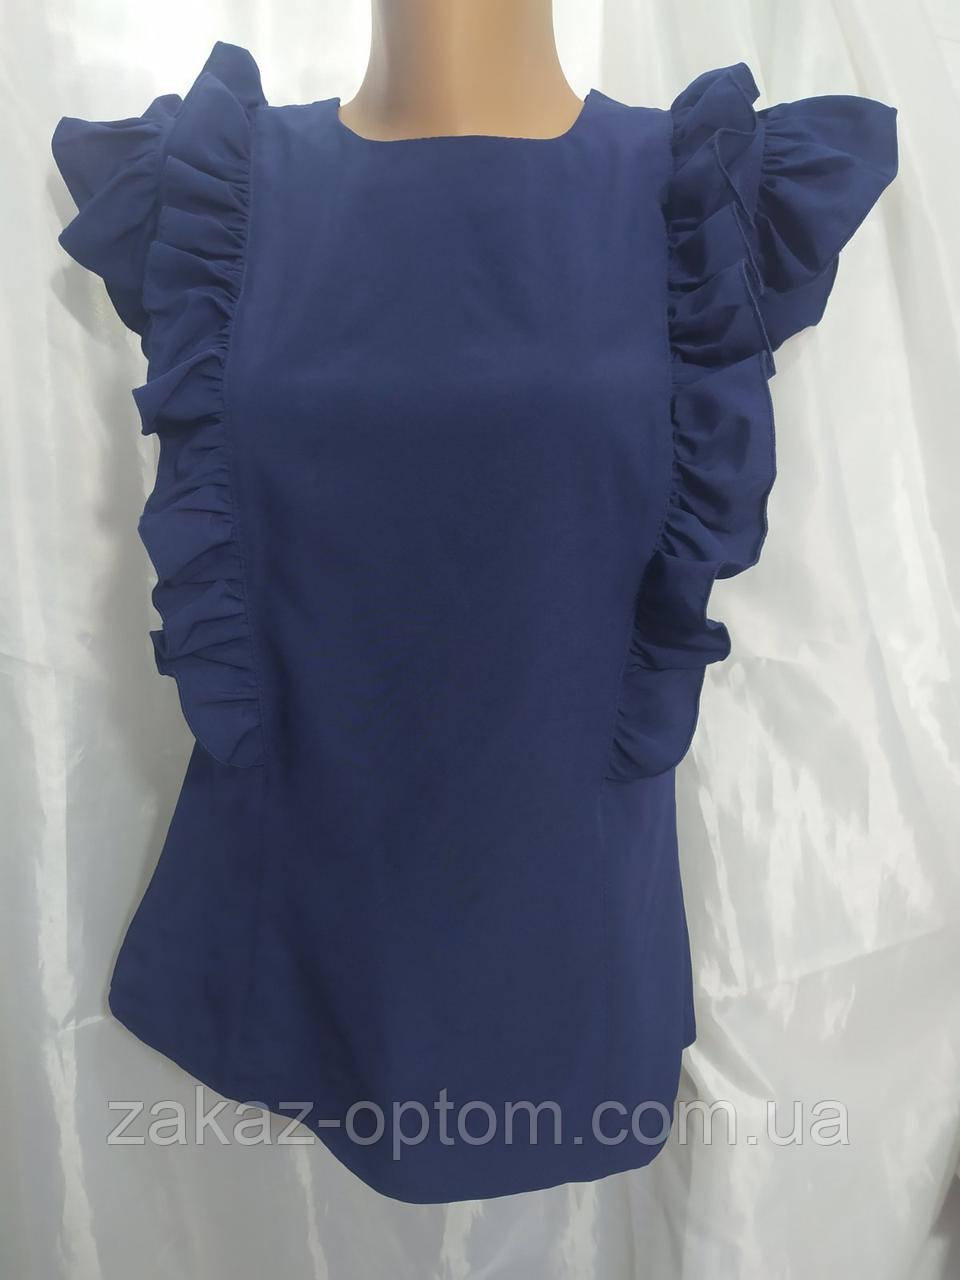 Блуза женская софт (42-48) Украина оптом-75015